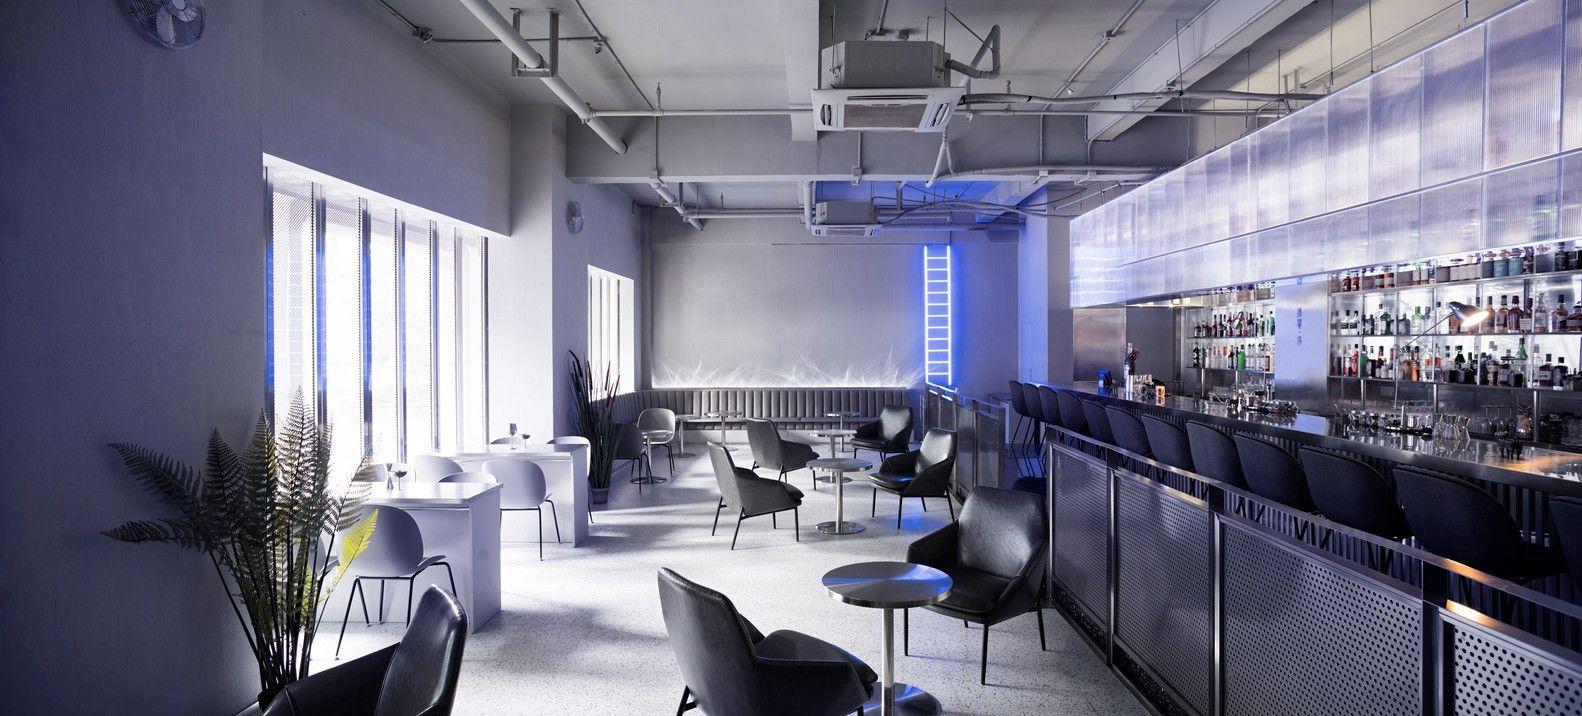 最新 | 斗西设计:酒饕-济 酒吧|刘永鹏 - 3